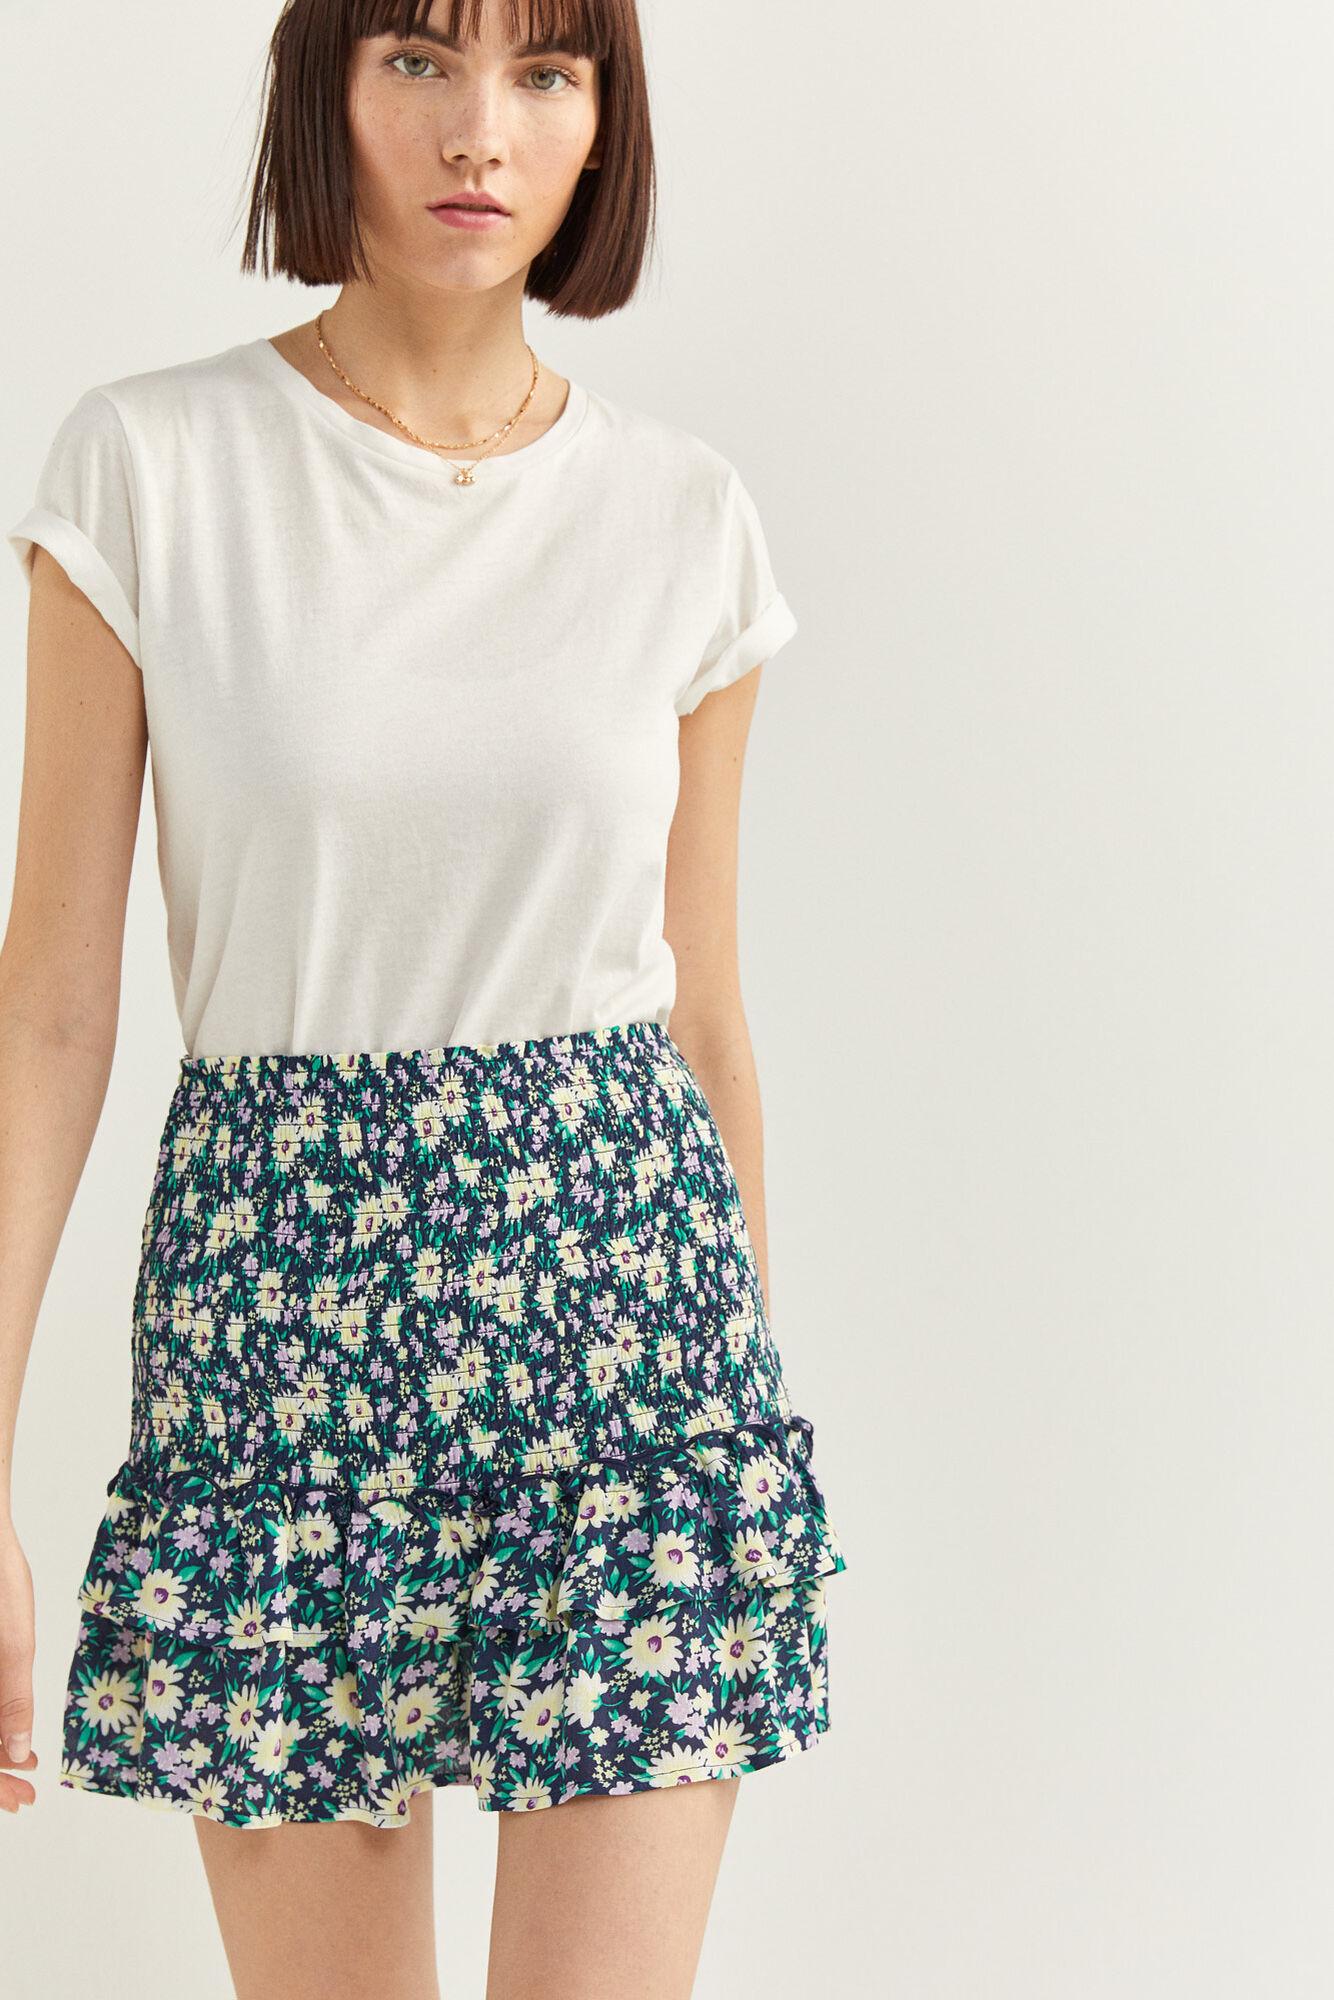 Falda corta, con goma en la cintura y detalle de volantes en el bajo con estampado de margaritas en varios tonos.